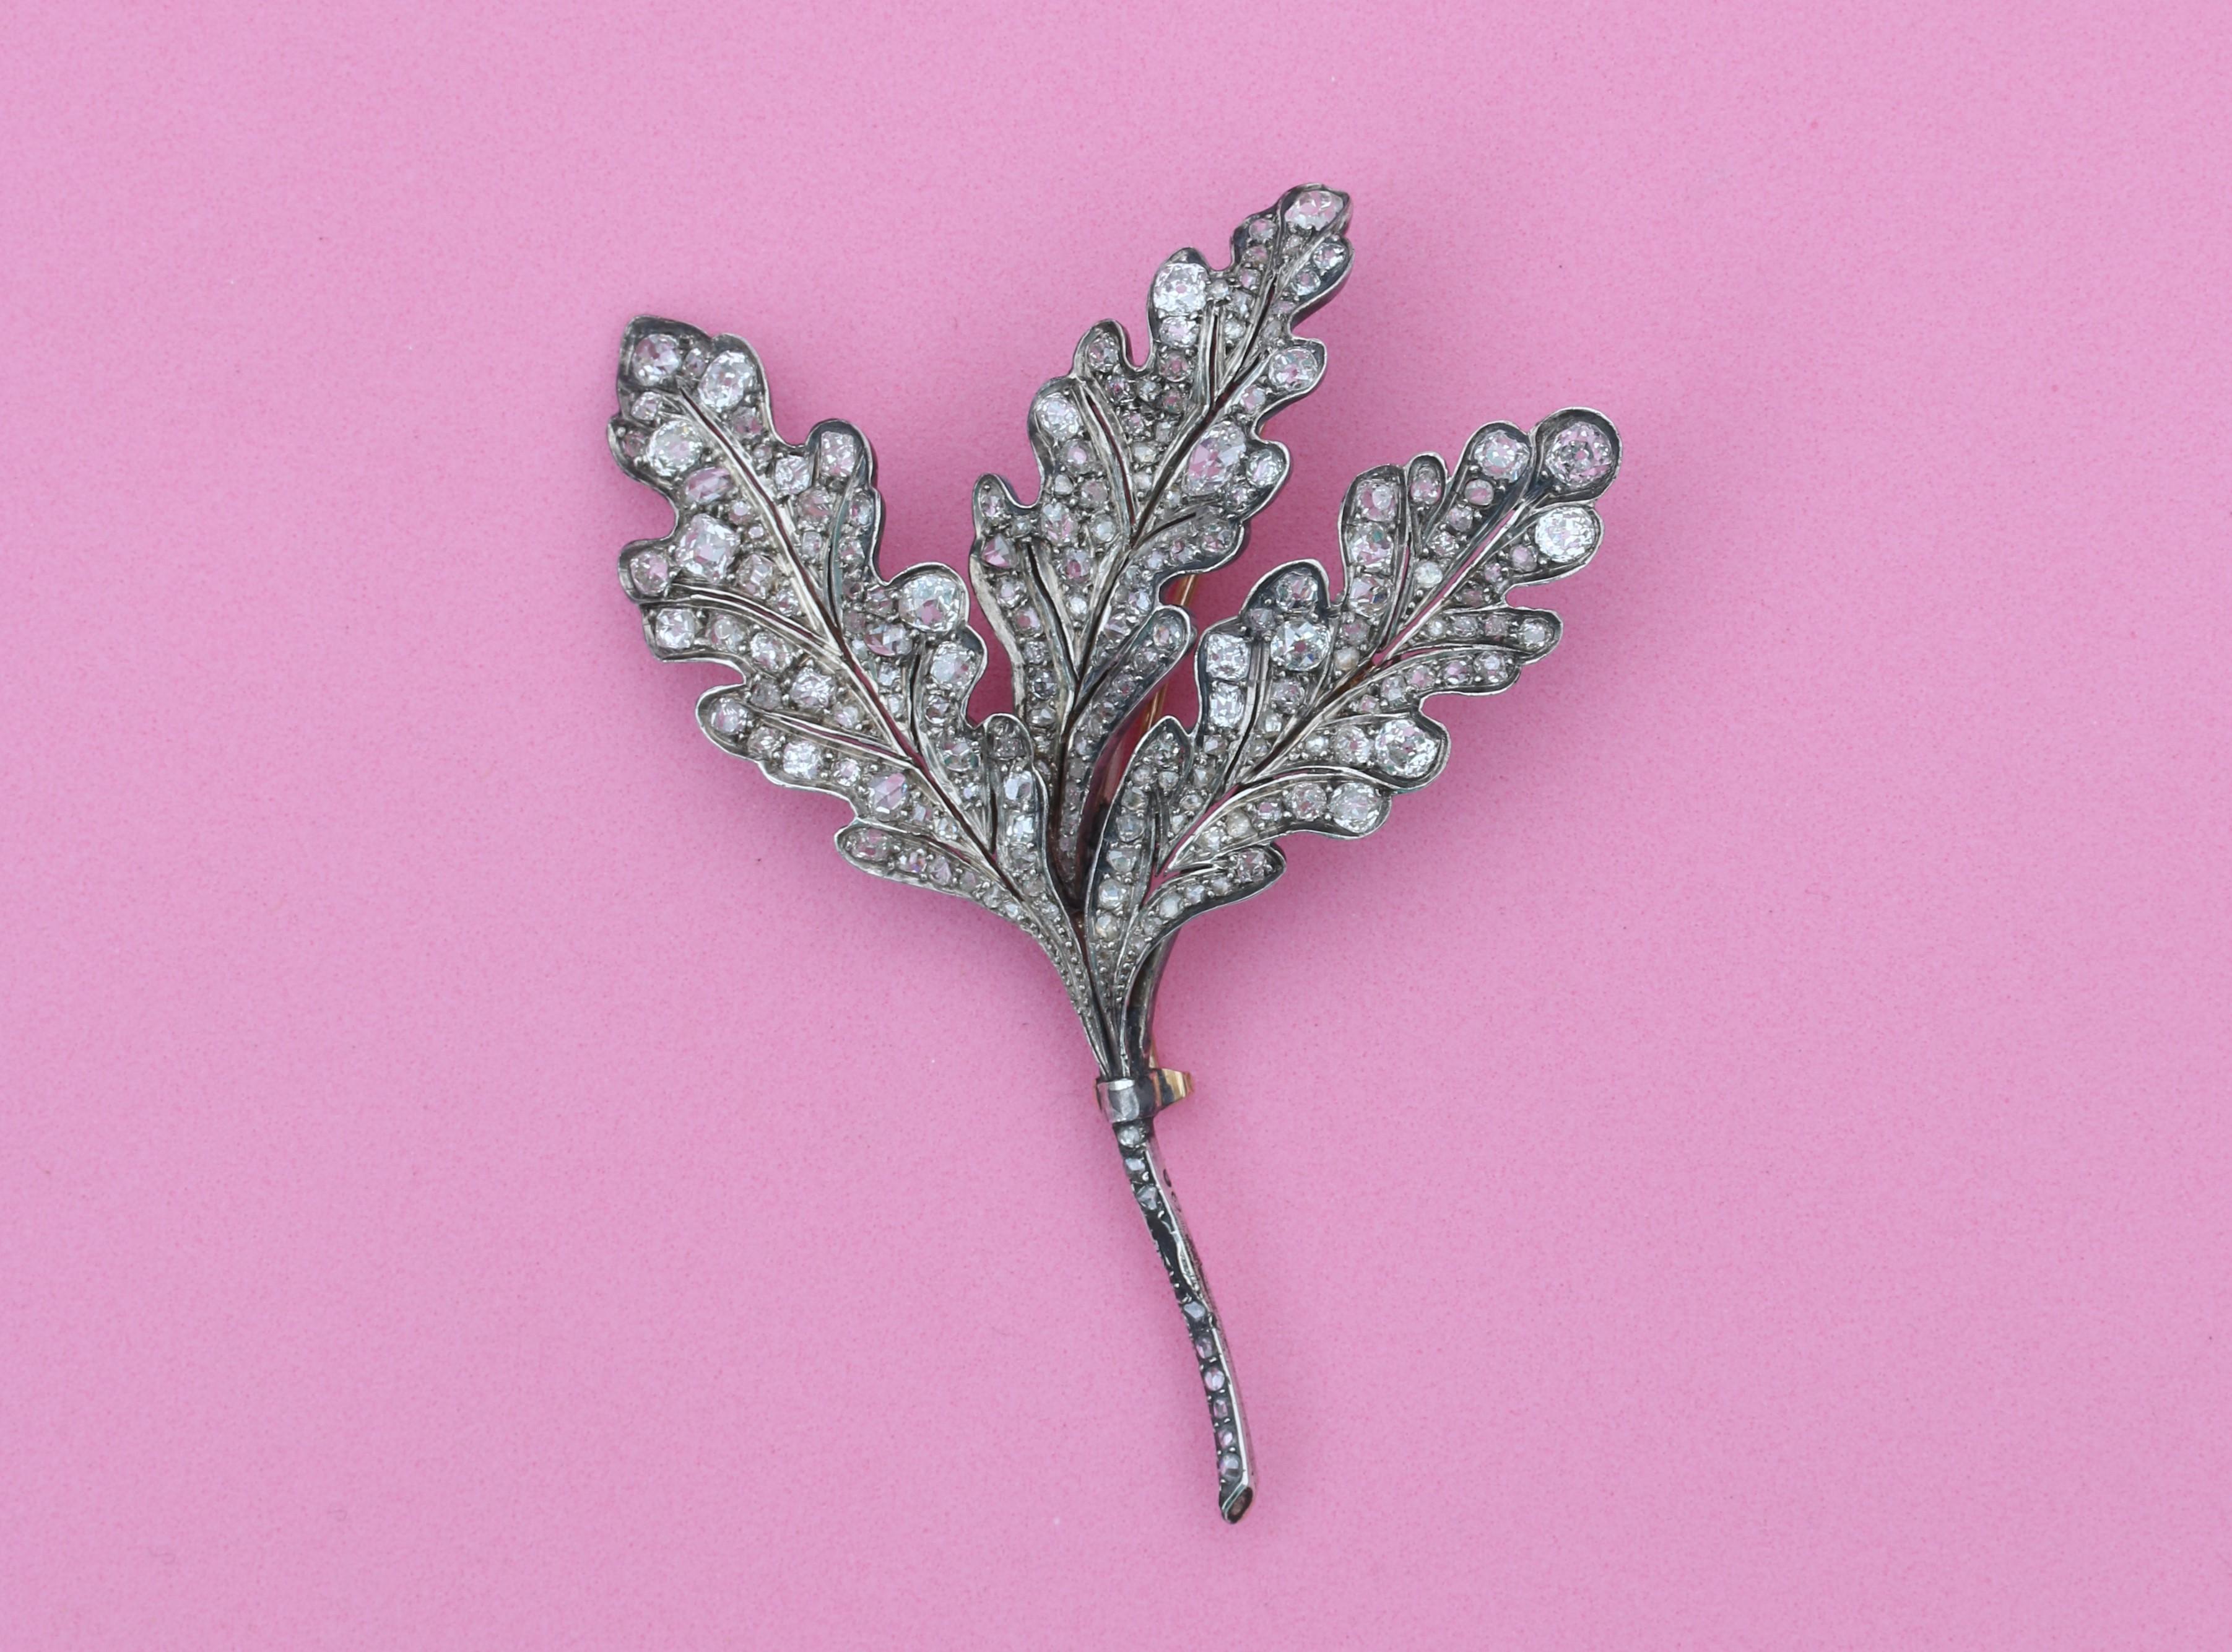 Afbeelding van Taxatiedag Juwelen & Edelstenen 13 februari